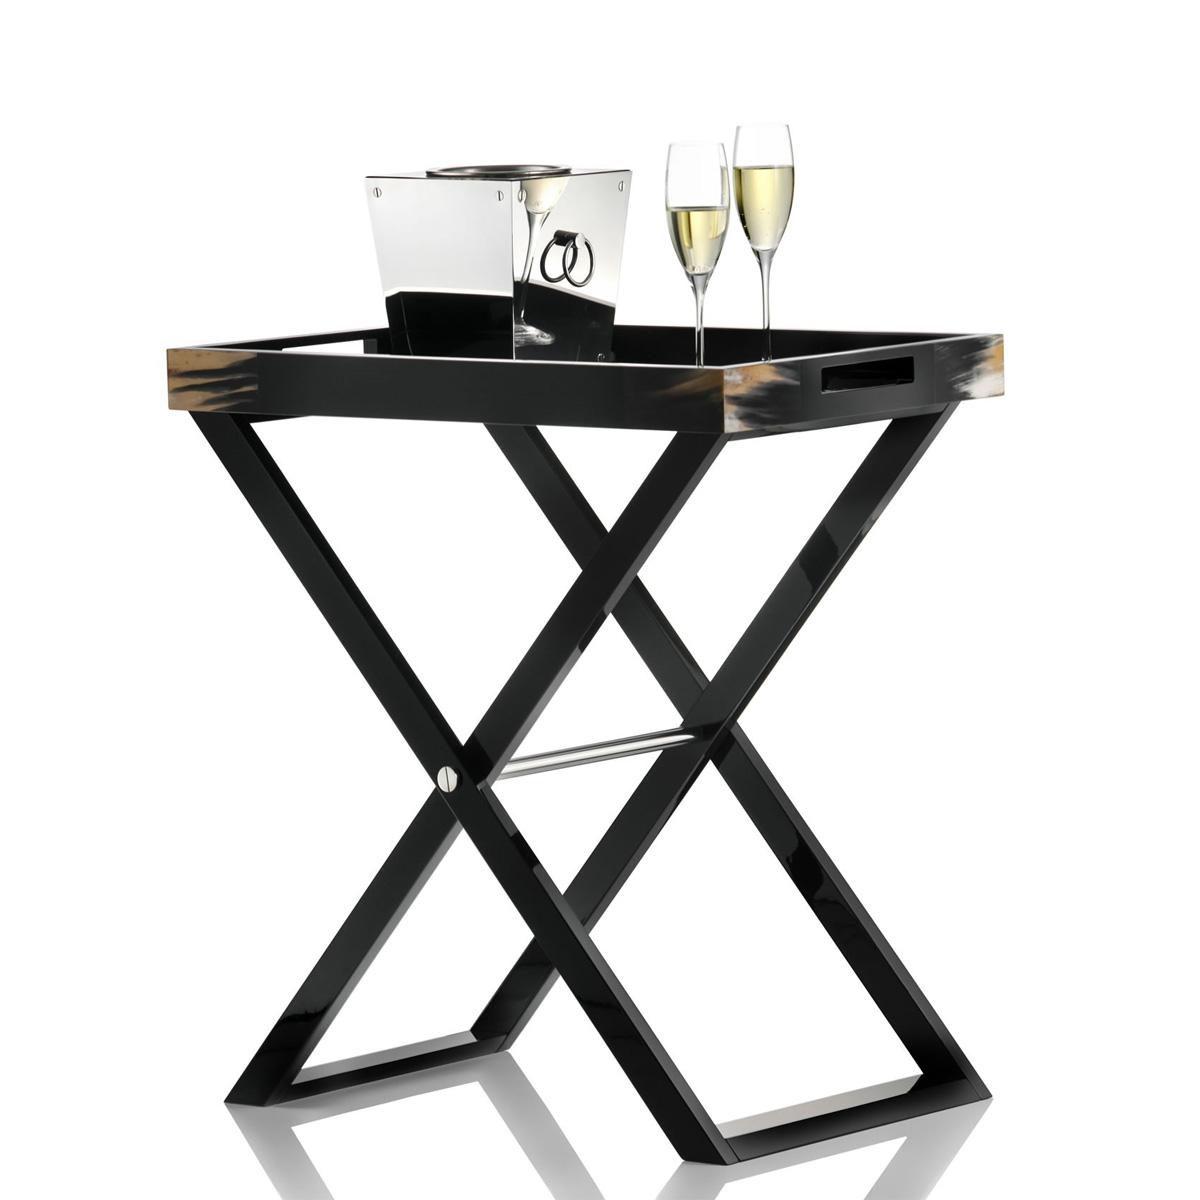 Сервировочный столик Arcahorn Sue Ellen